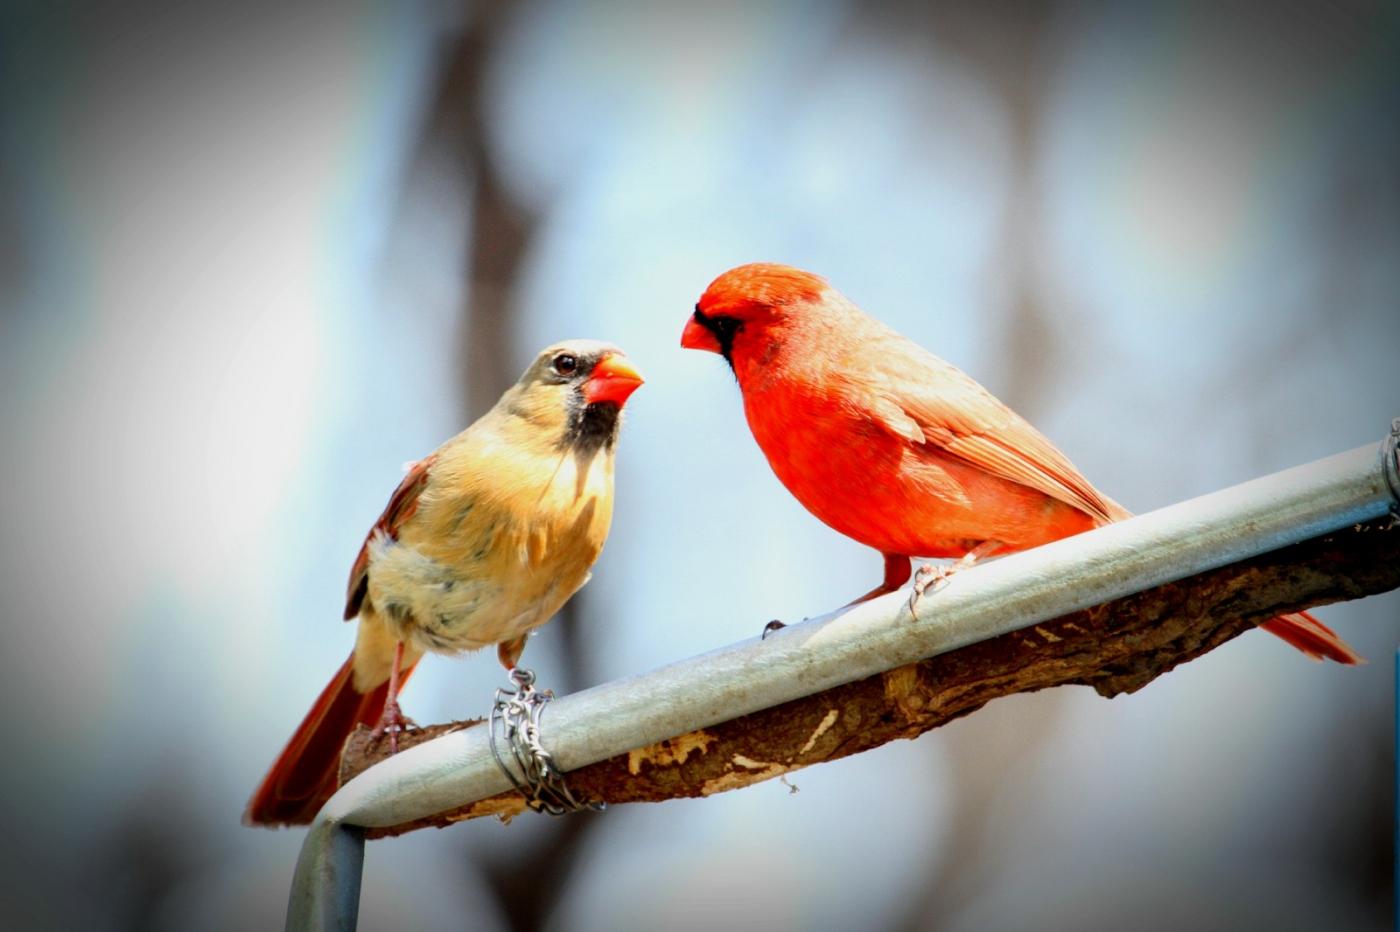 【田螺摄影】有吃的主教鸟还会挑肥拣瘦_图1-15